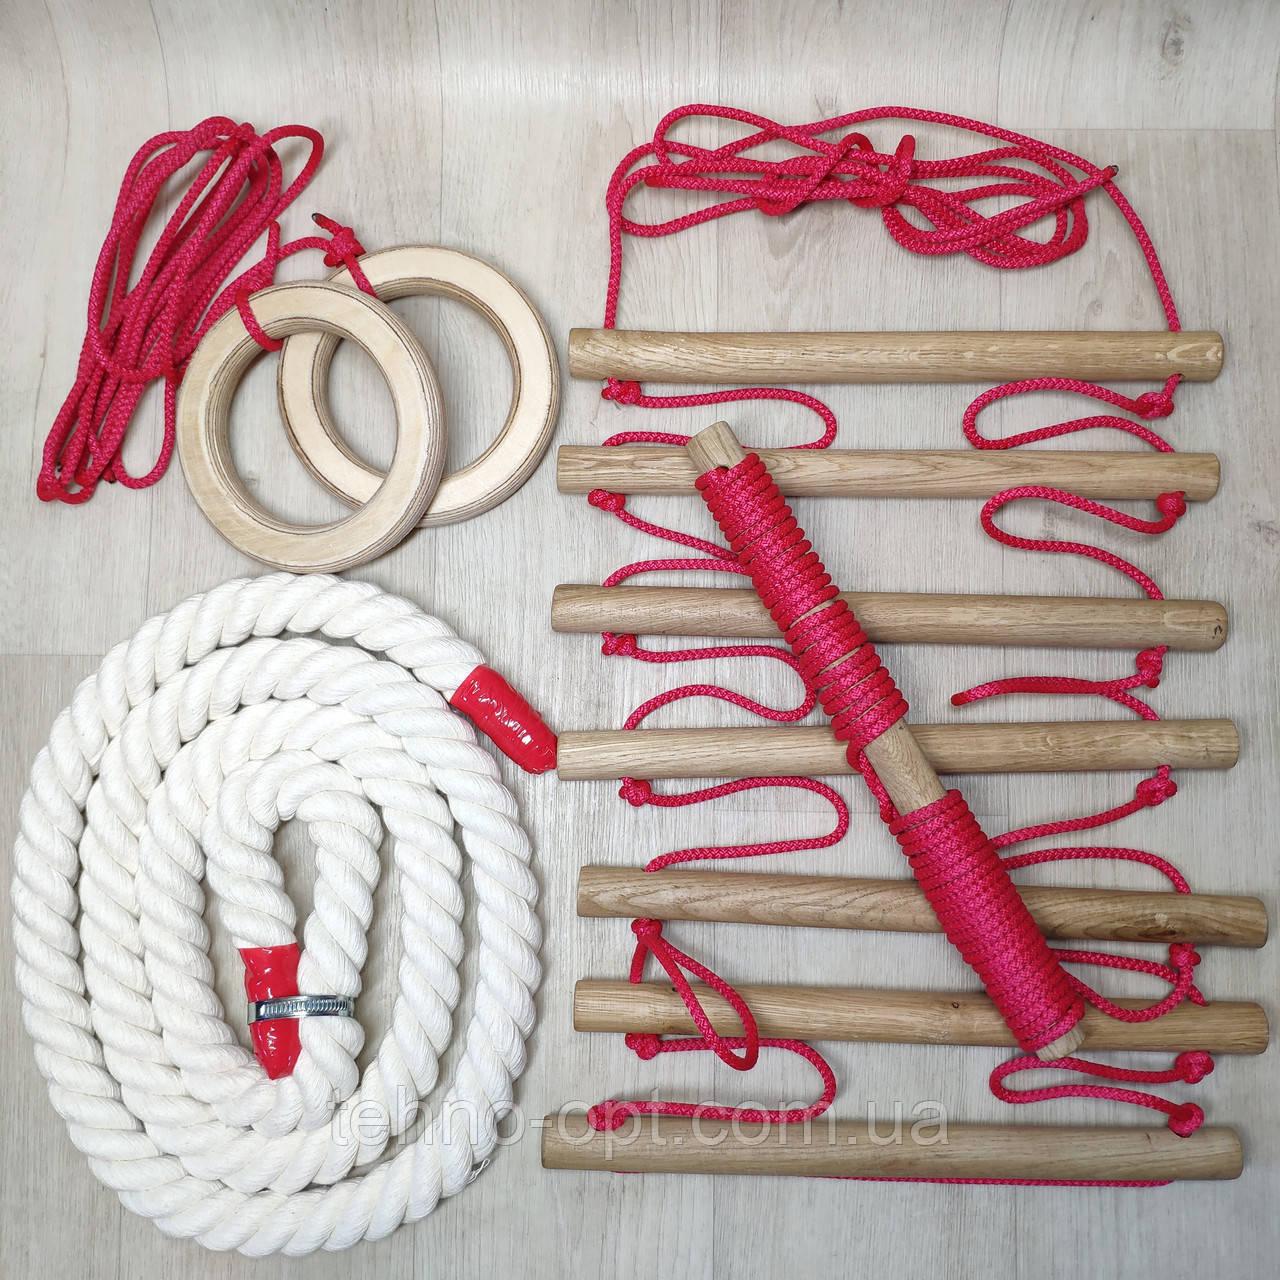 Набор детский красный для шведской стенки Канат (хб) Кольца, Лестница, Трапеция